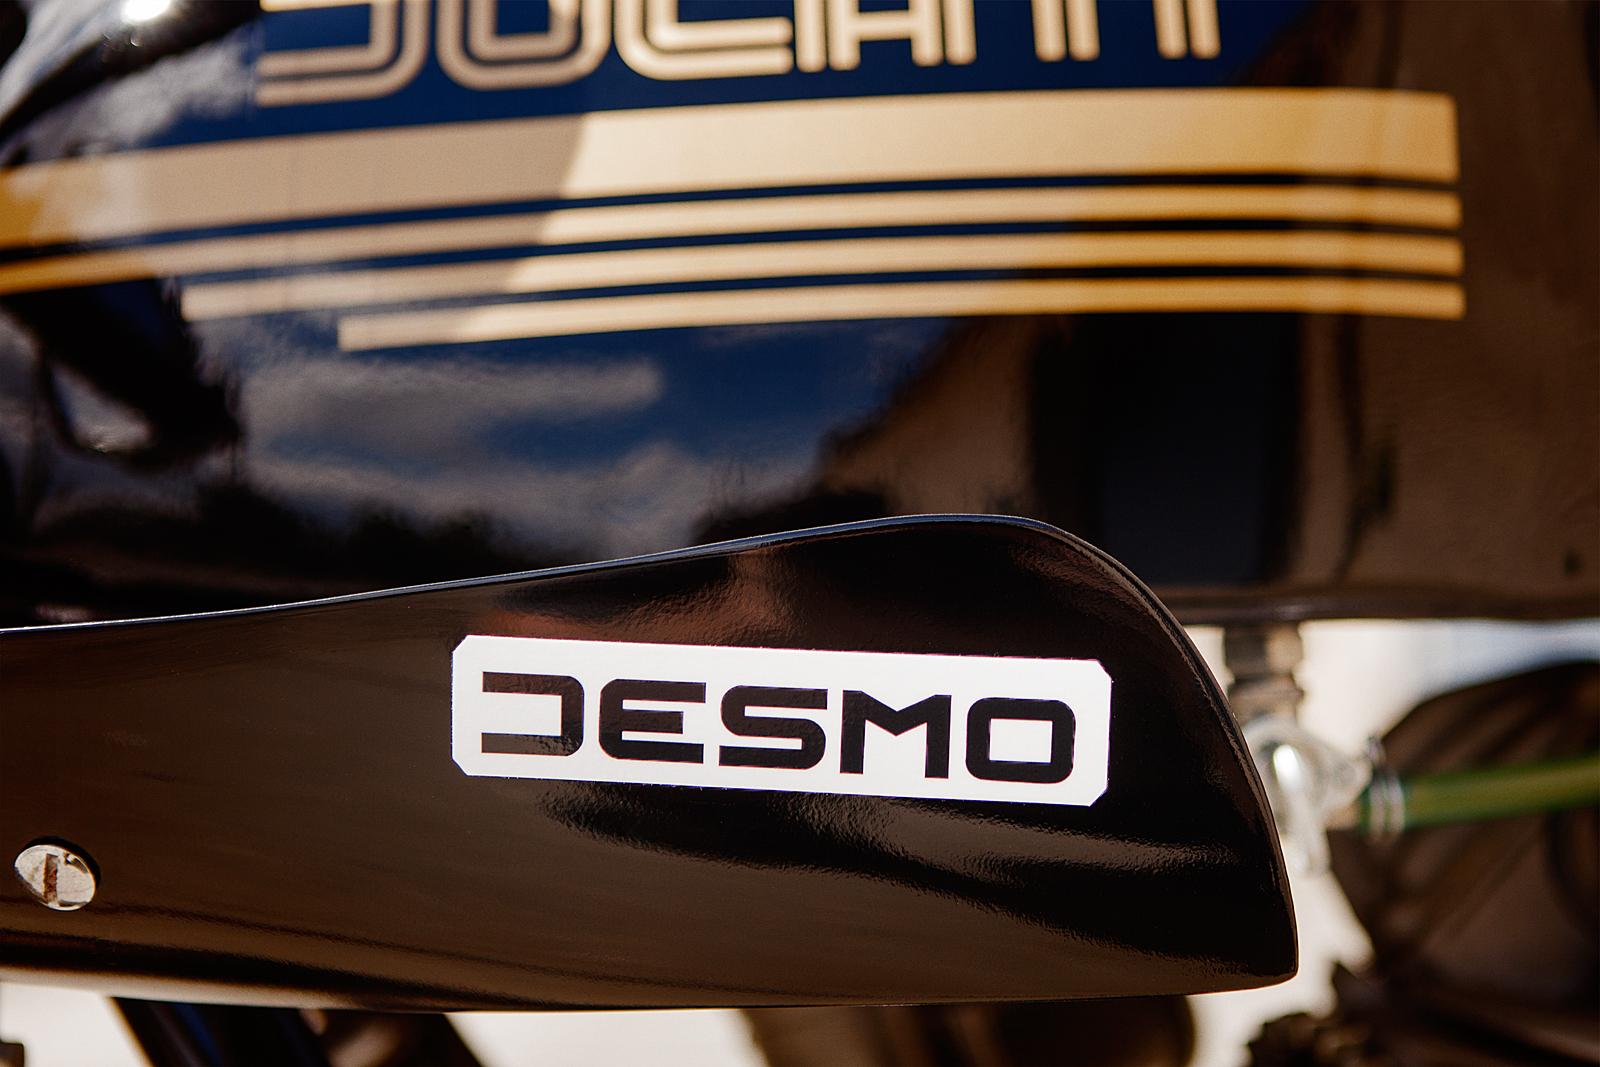 1980 Ducati 900SS desmo